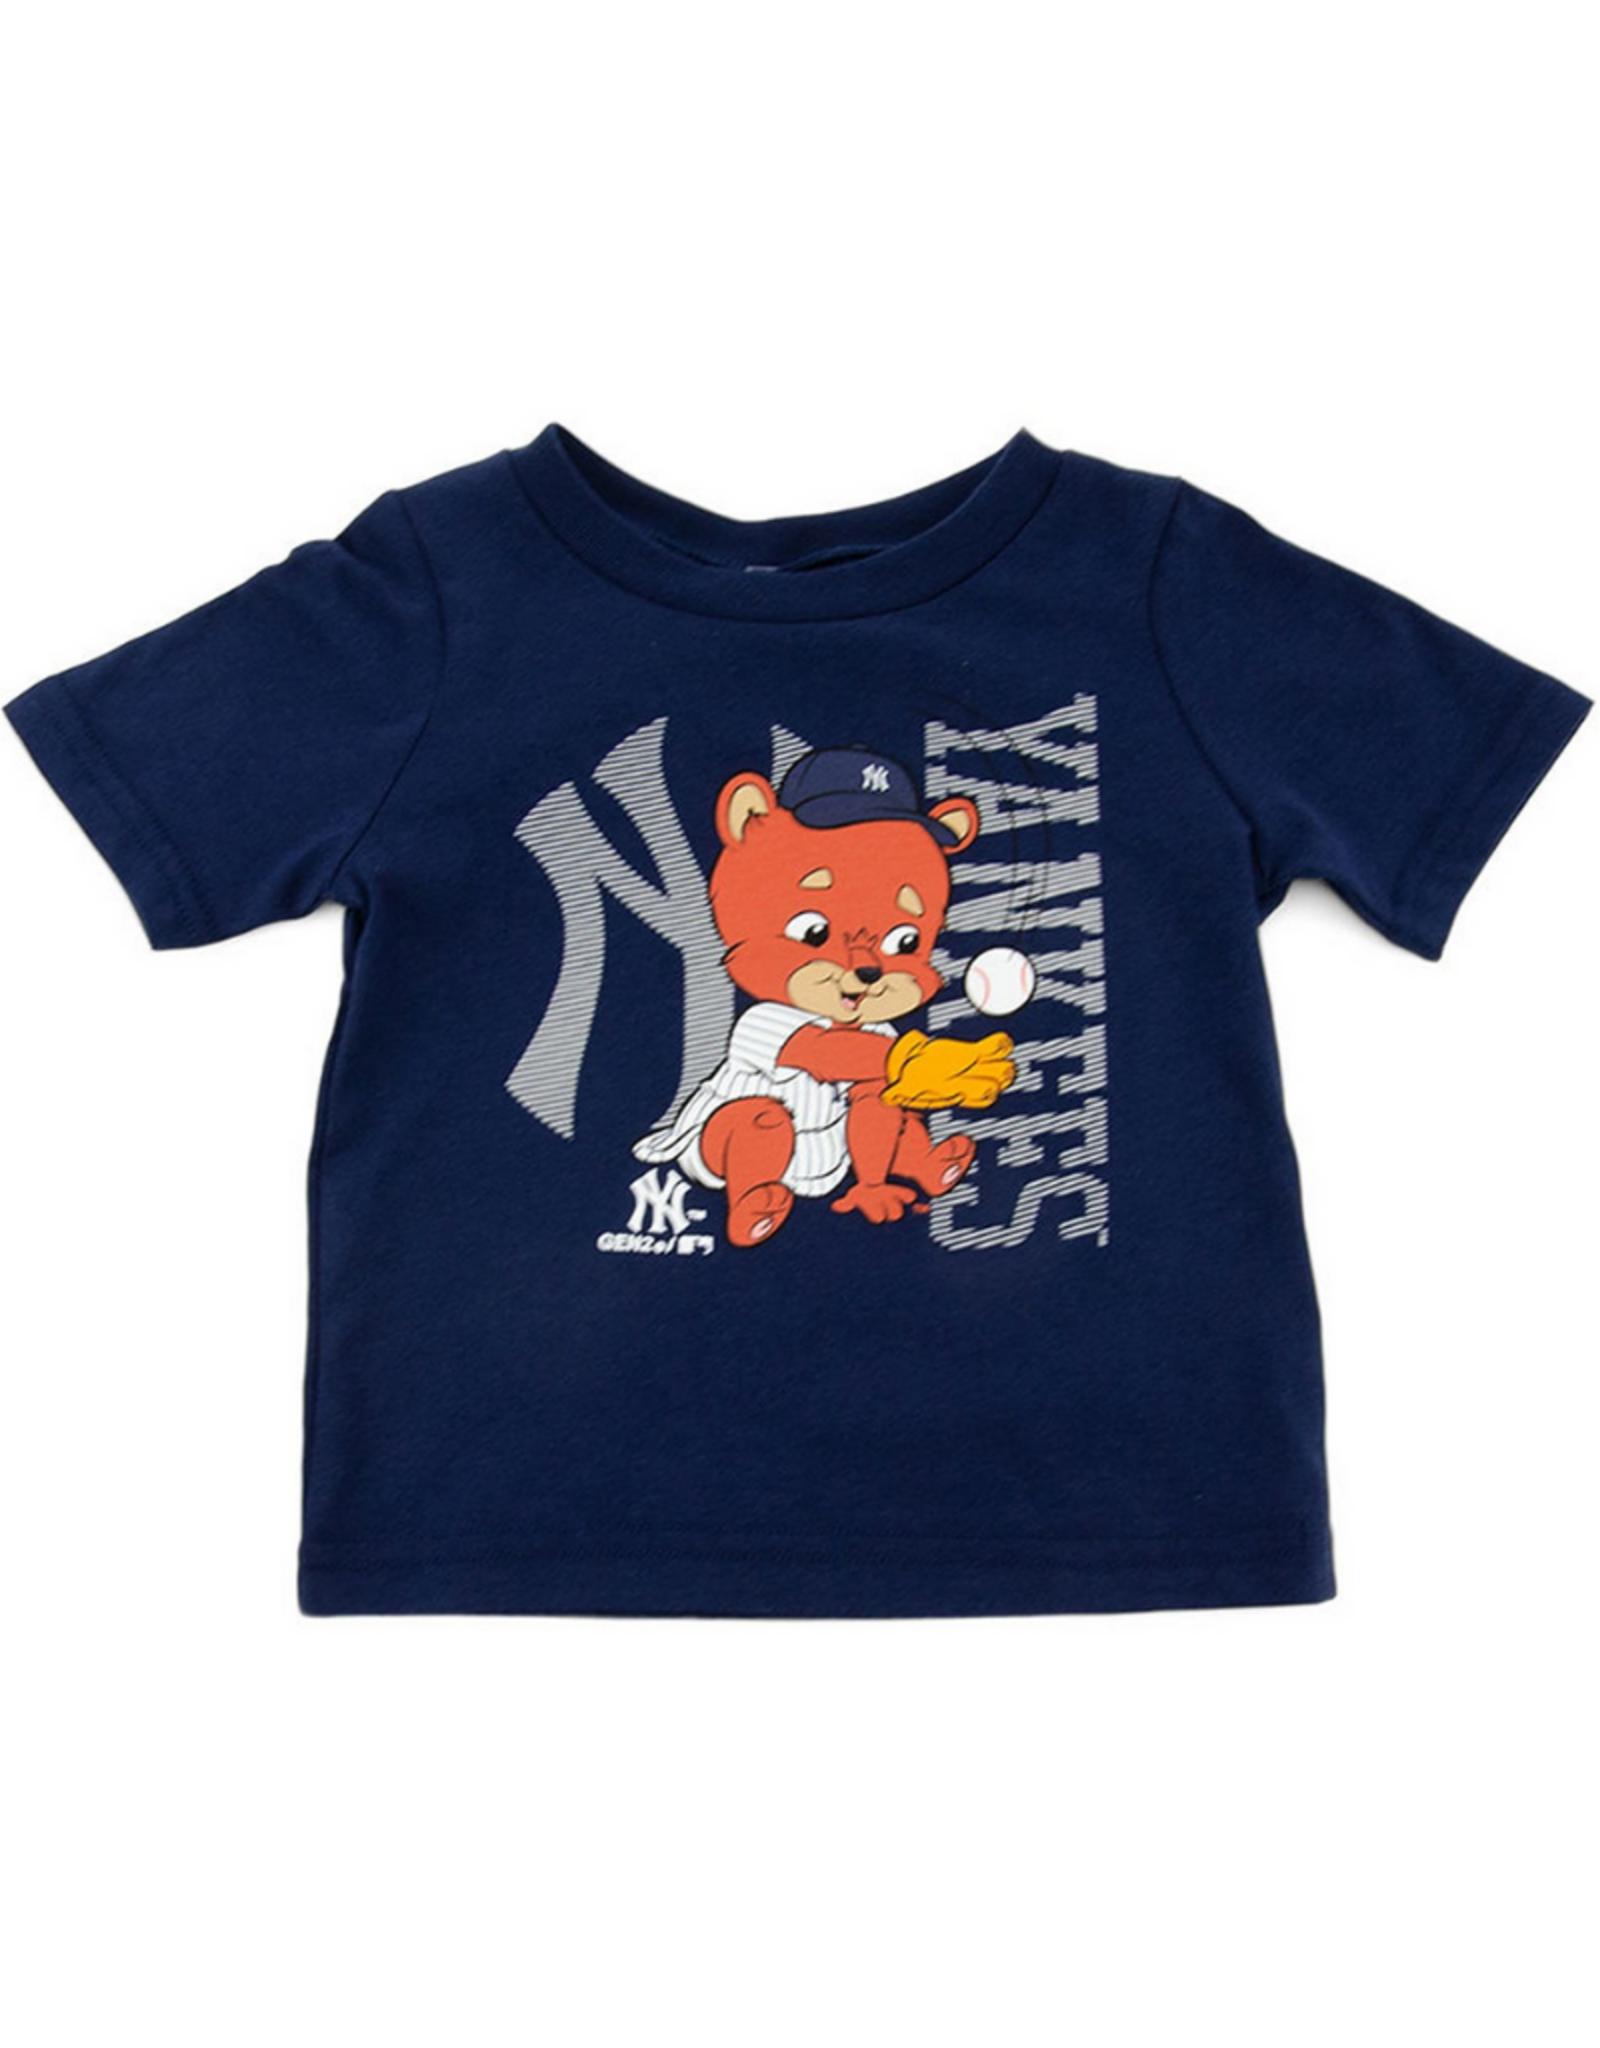 MLB Child Baby Mascot T-Shirt New York Yankees